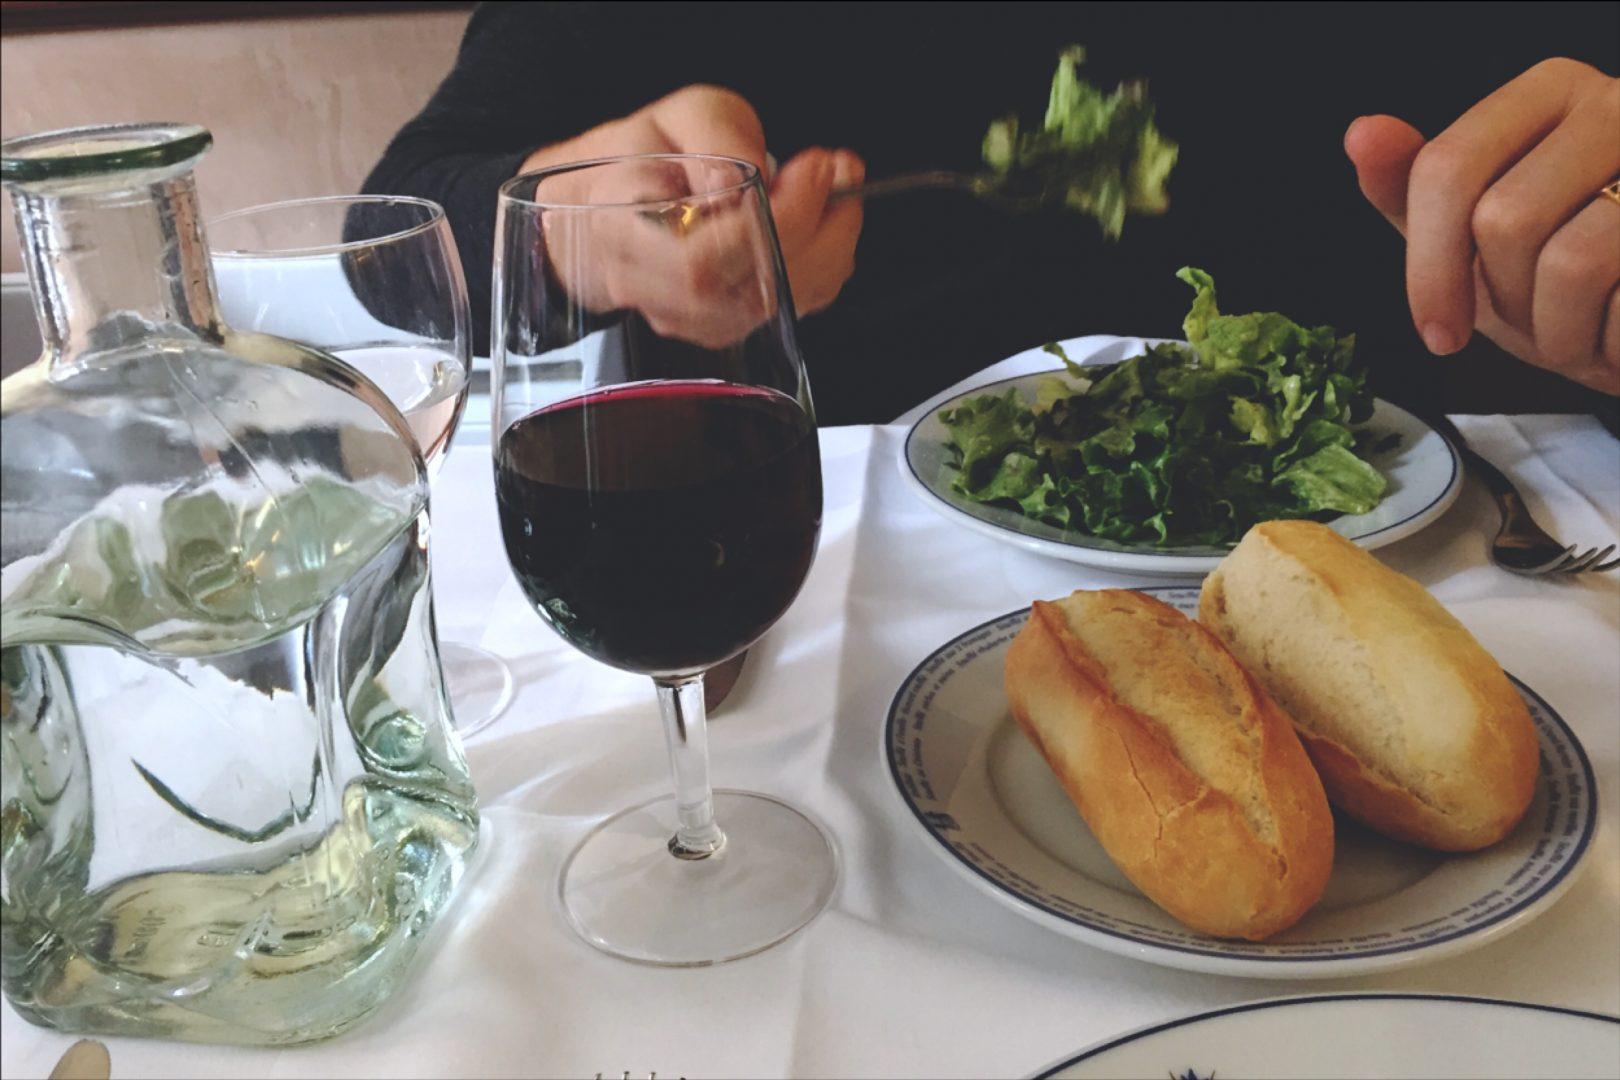 Paris, France Eats and Treats